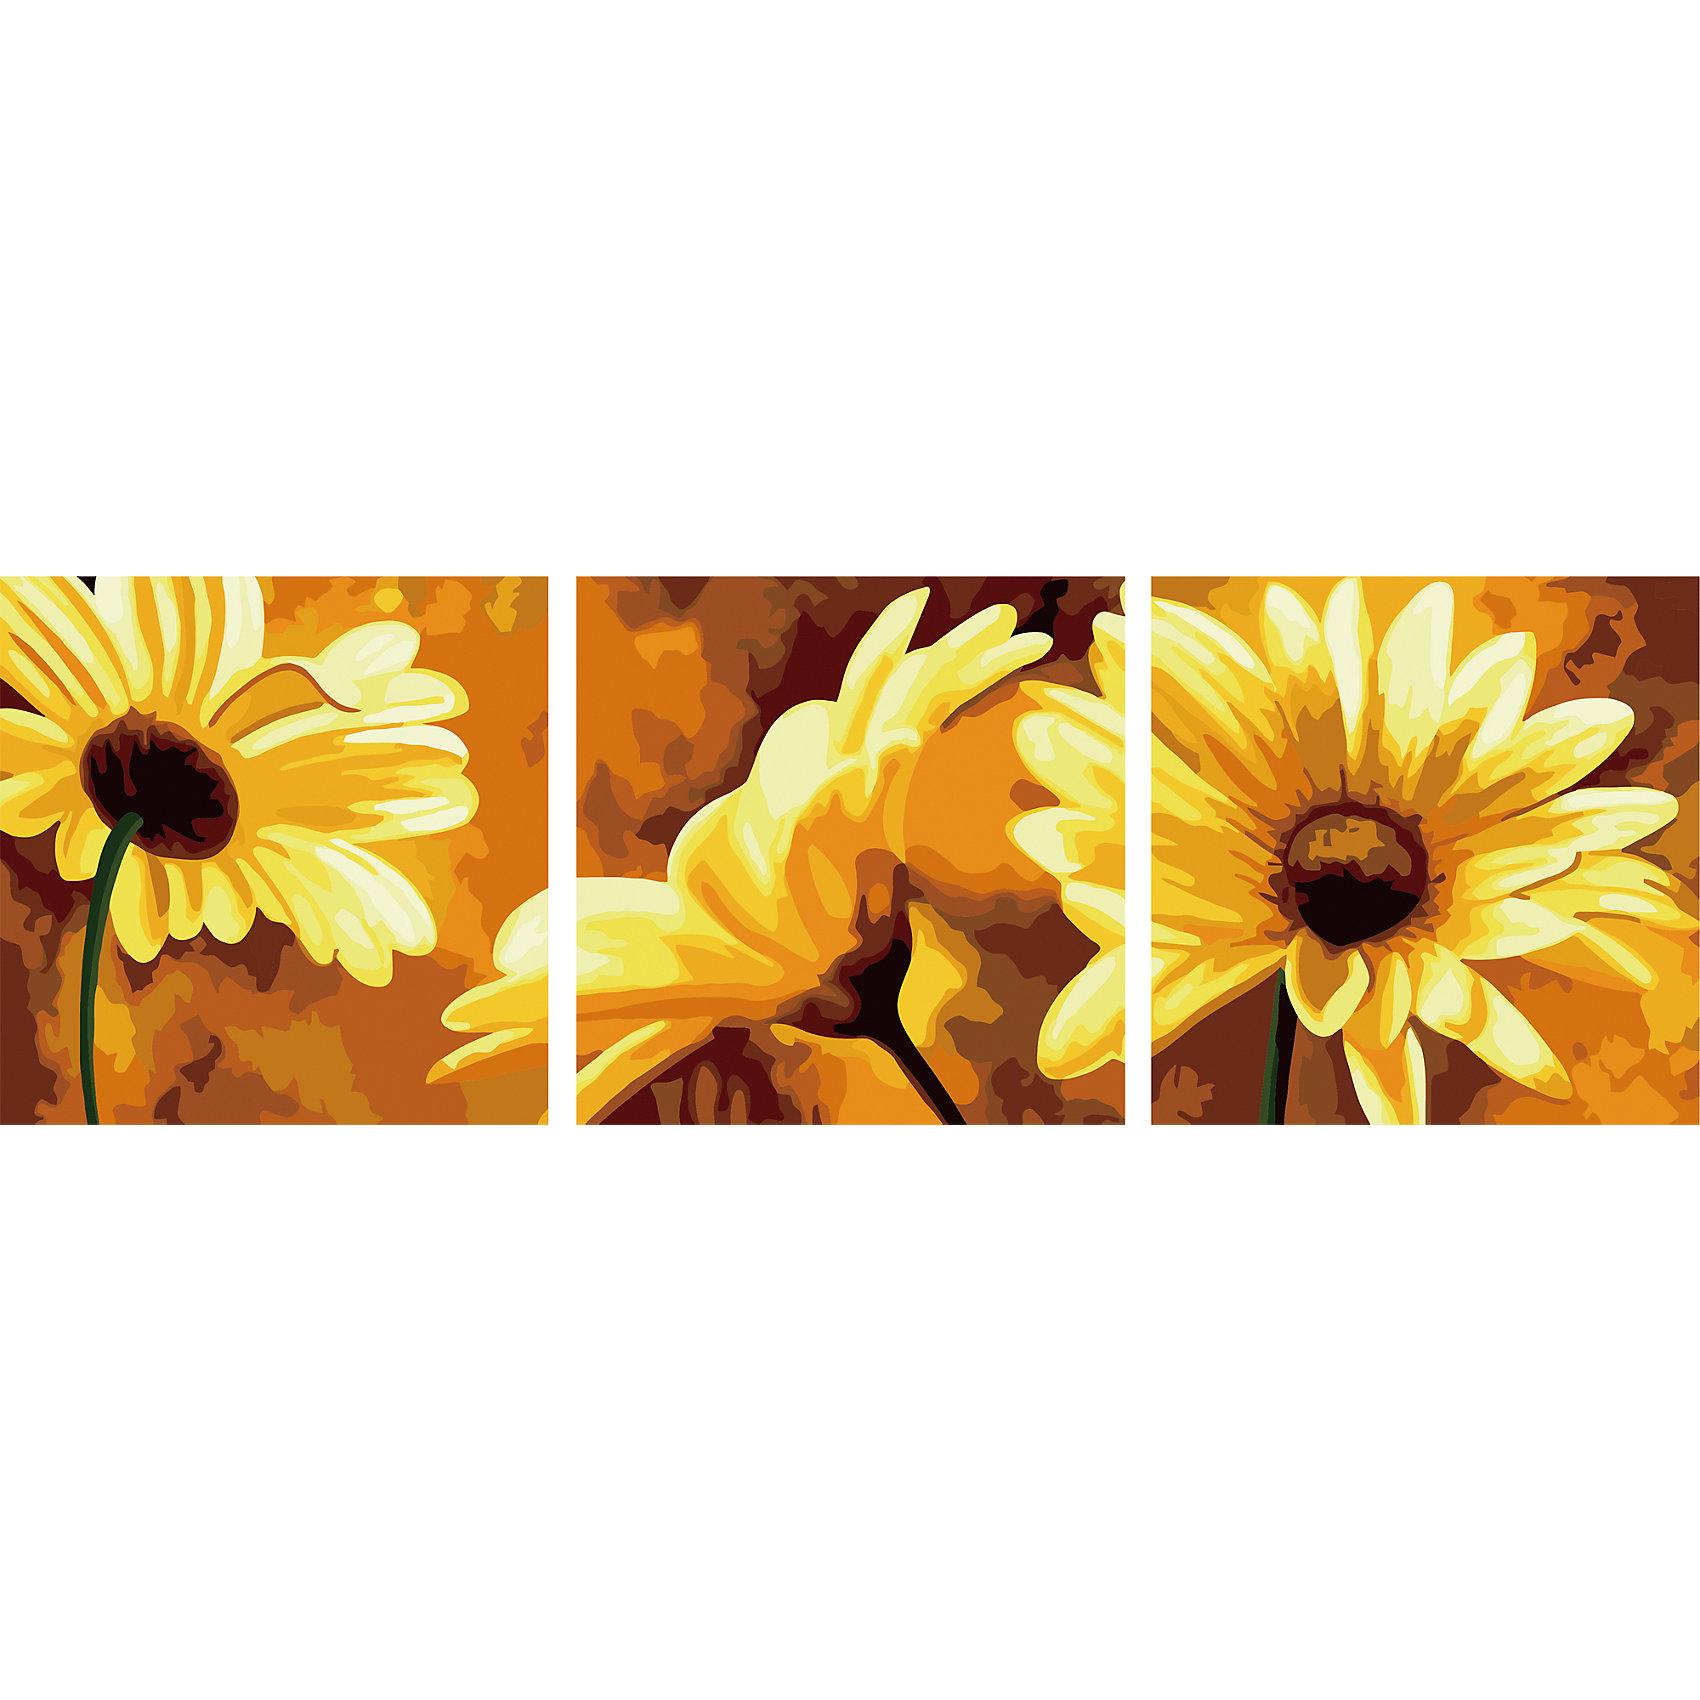 Роспись по номерам, триптих Желтые цветы 50*50 см (3 картины в наборе)Последняя цена<br>Роспись по номерам, триптих Желтые цветы 50*50 см (3 картины в наборе)<br>В набор входит:<br>-3 холста с нанесенным, пронумерованным рисунком<br>-набор акриловых красок на водяной основе<br>-3 кисточки для рисования<br>-крепление для подвешивания картины<br>-запасной чистый лист<br>-инструкция<br><br>Характеристика:<br>-Размер: 50х50 см<br>-Изображение: жёлтые цветы<br><br>Роспись по номерам, триптих Желтые цветы 50*50 см (3 картины в наборе) придаст красоту вашему интерьеру Вы можете написать картину сами без всяких затруднений, благодаря нумеровке, которая подскажет вам, что и каким цветом раскрашивать. Нарисовав картину, вы сможете повесить её в любое место с помощью крепления, прилагающемуся вместе с картинами. Благодаря качеству акриловых красок, ваша картина не потускнеет со временем и будет радовать вас долгое время.<br><br>Роспись по номерам, триптих Желтые цветы 50*50 см (3 картины в наборе) можно приобрести в нашем интернет-магазине.<br><br>Ширина мм: 520<br>Глубина мм: 520<br>Высота мм: 50<br>Вес г: 900<br>Возраст от месяцев: 36<br>Возраст до месяцев: 2147483647<br>Пол: Унисекс<br>Возраст: Детский<br>SKU: 5117349